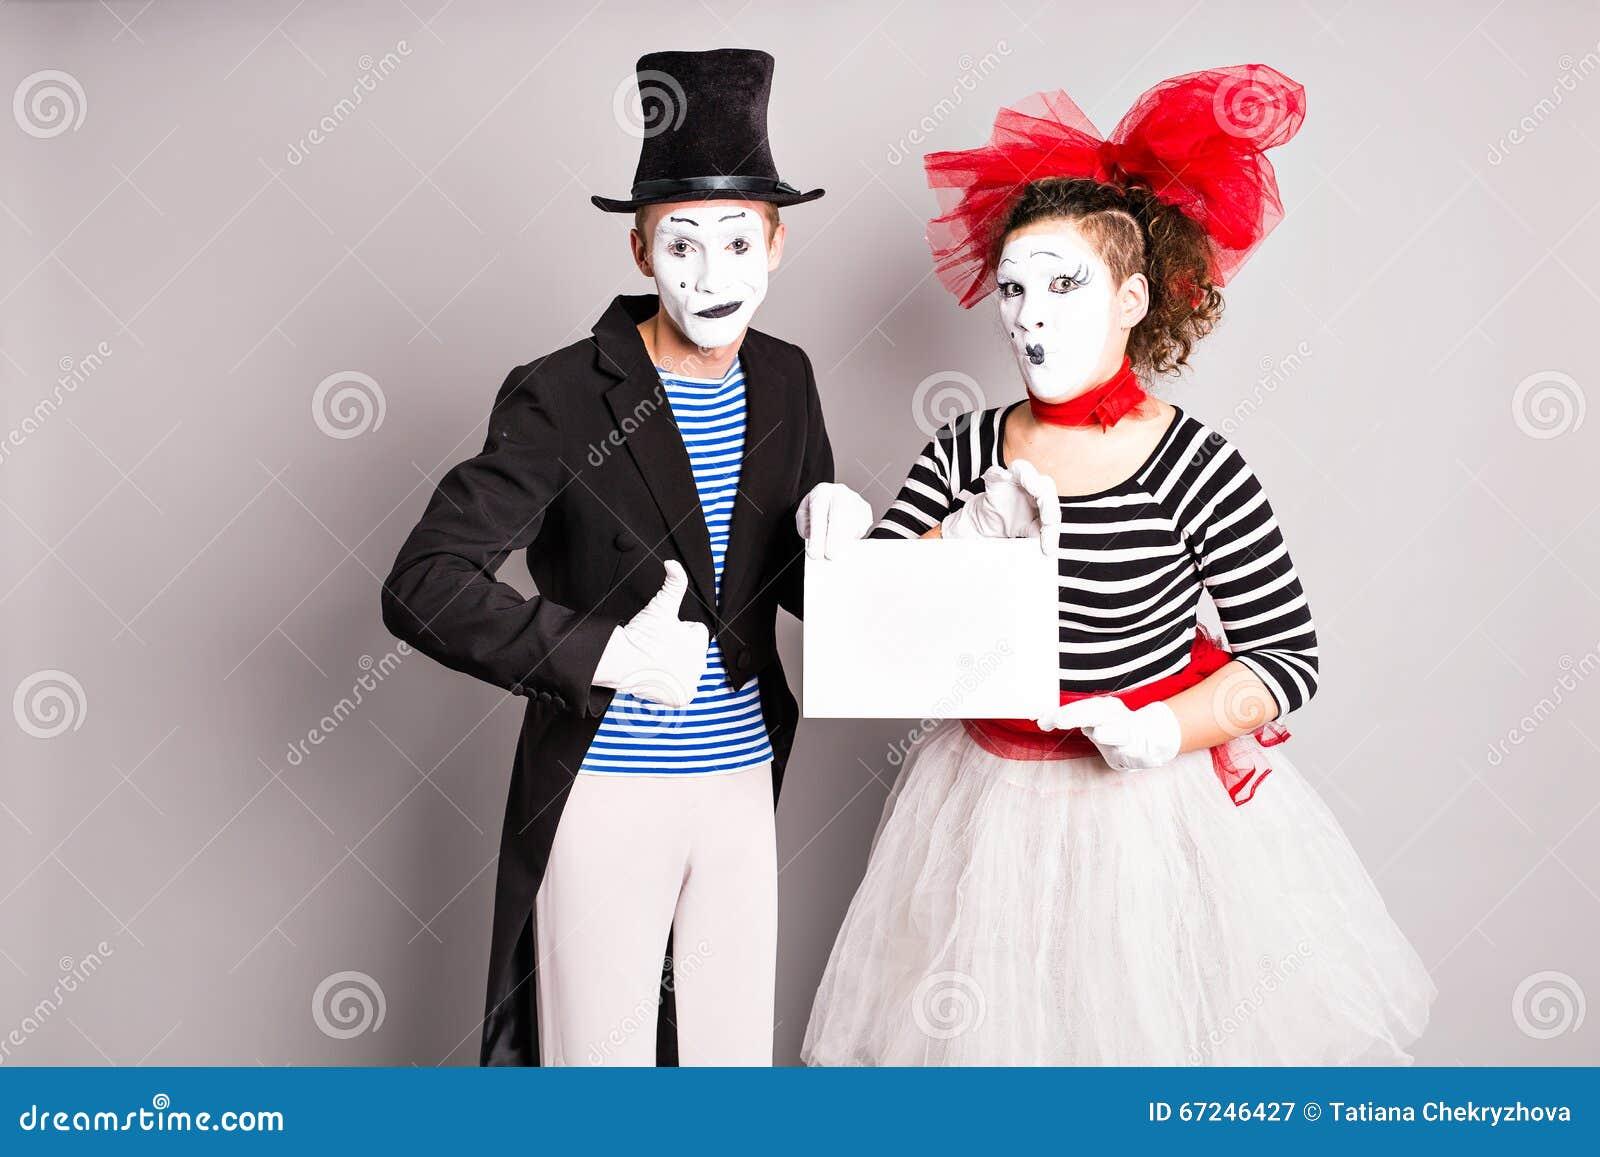 εδώ κείμενό σας Κενός κενός πίνακας εκμετάλλευσης δραστών mimes Ζωηρόχρωμο πορτρέτο στούντιο με το γκρίζο υπόβαθρο ενάντια στον μ